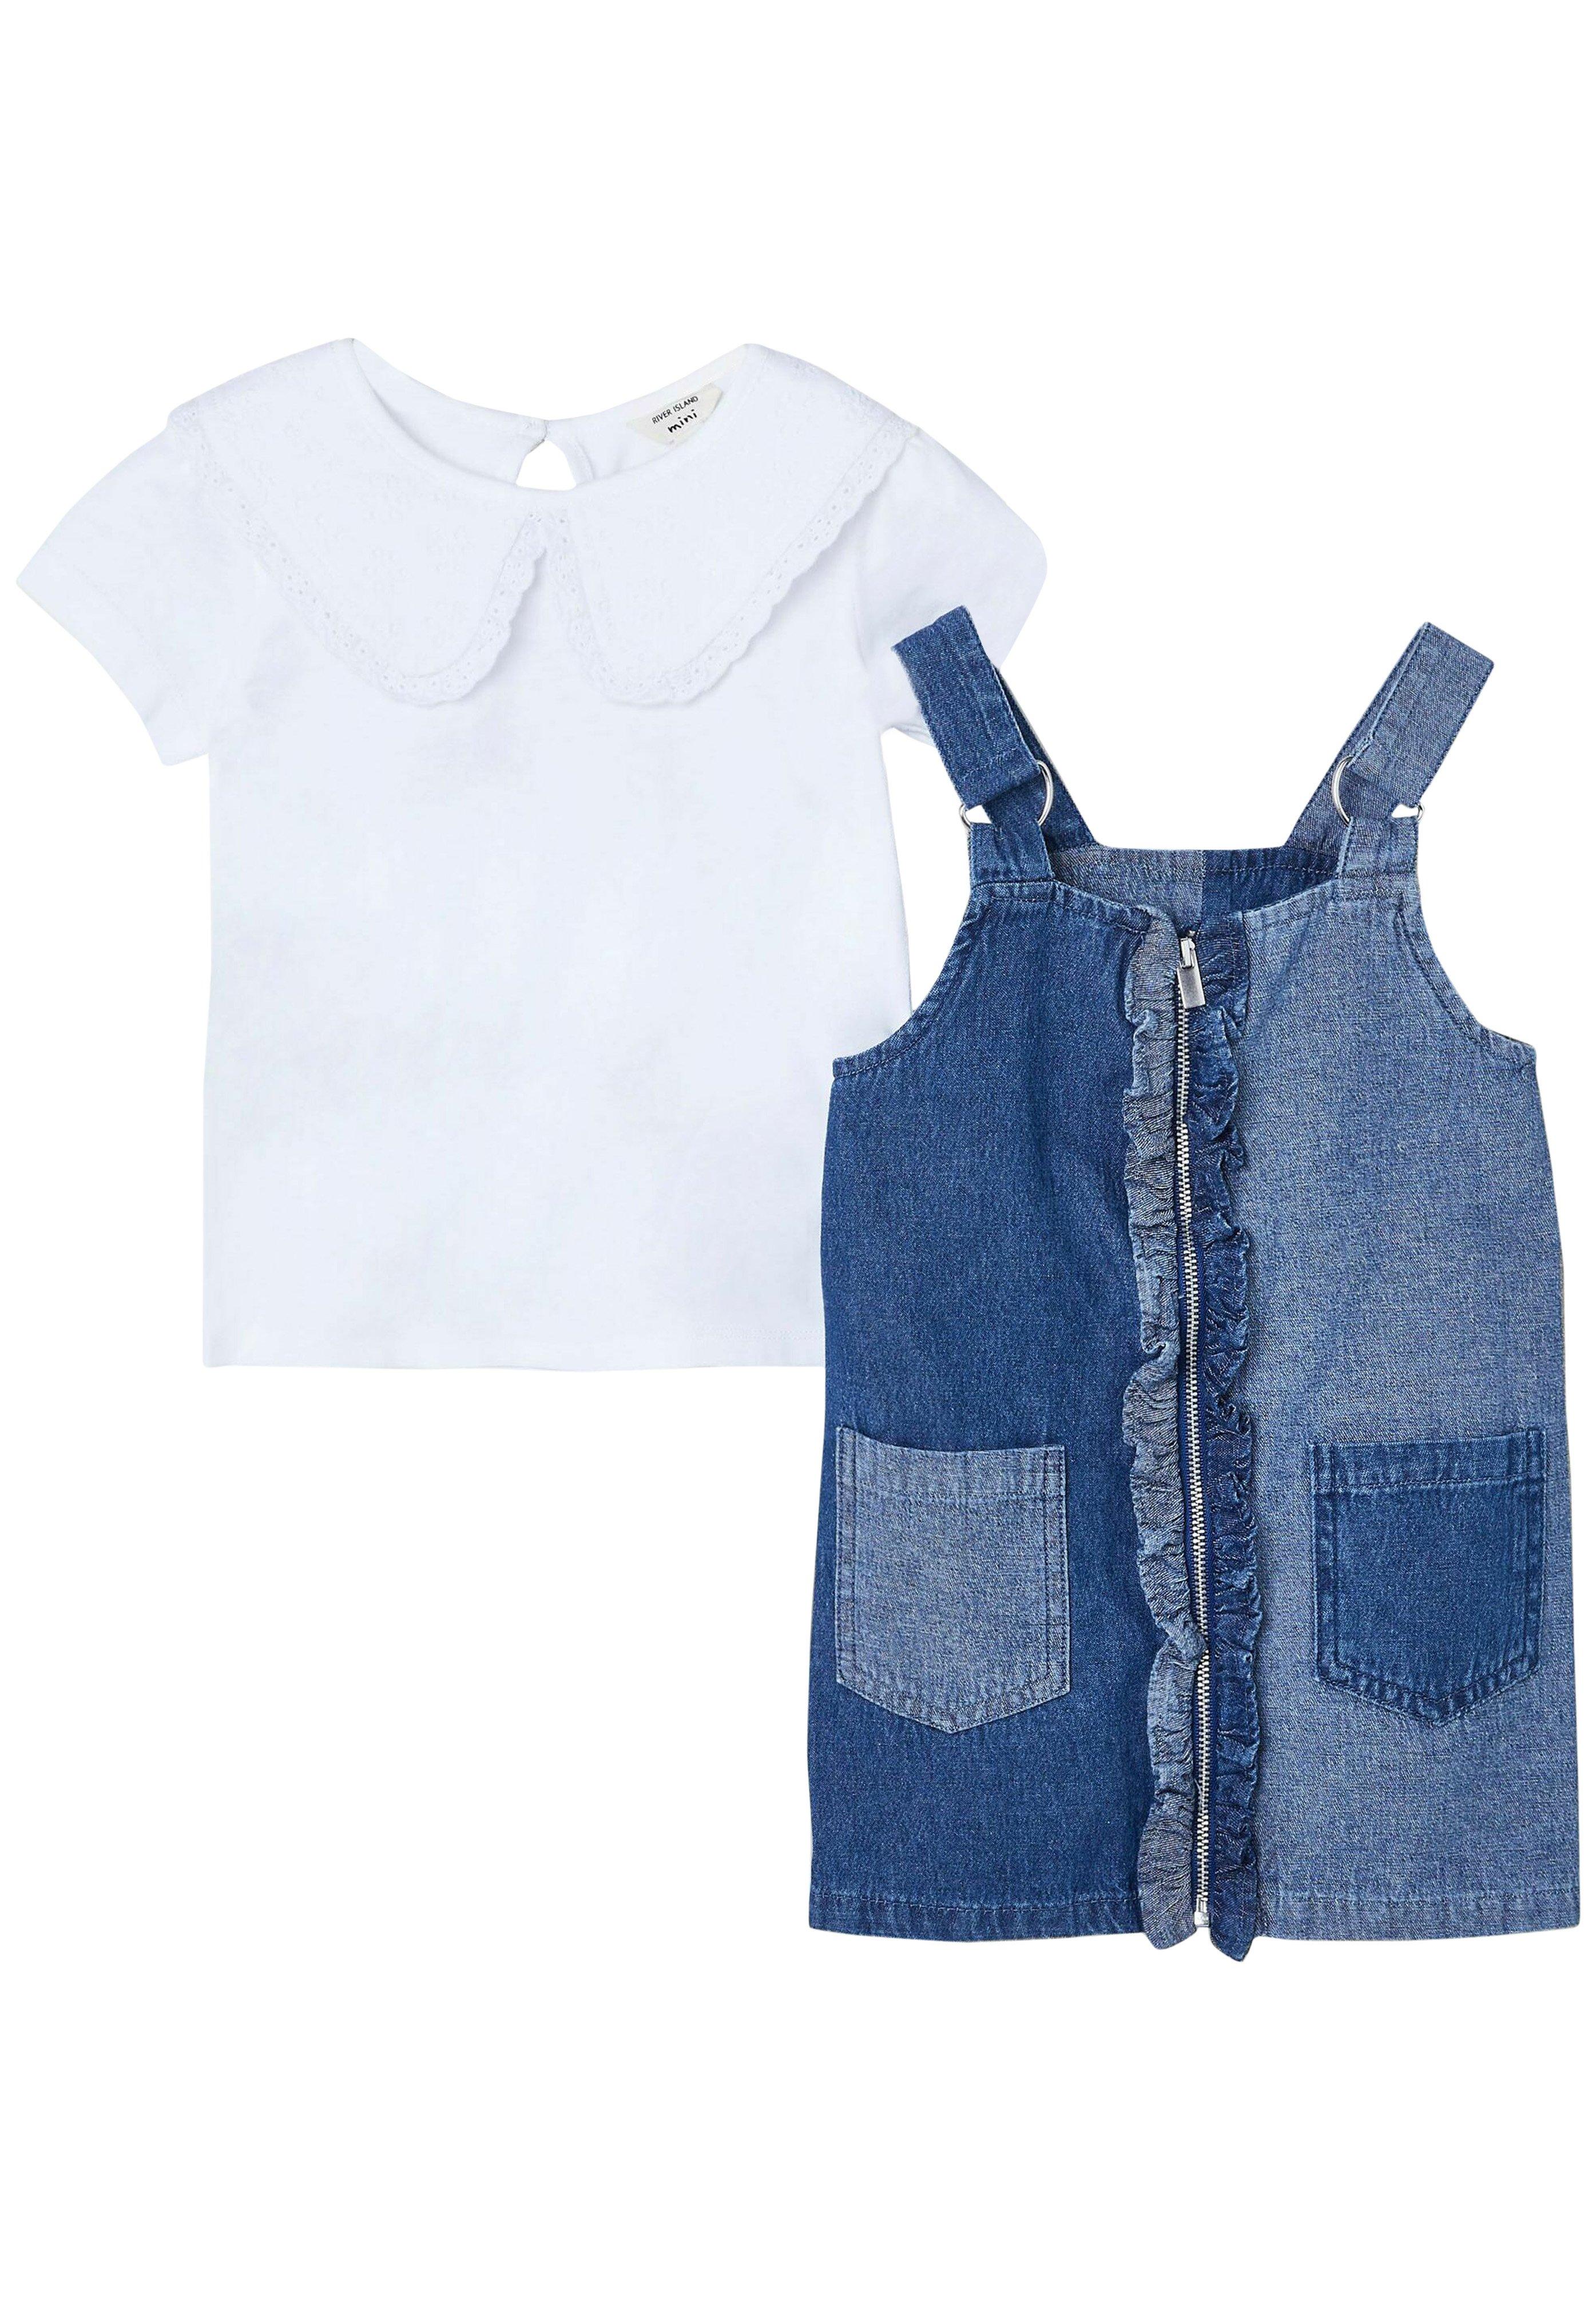 Kinder 2 PACK - Jeanskleid